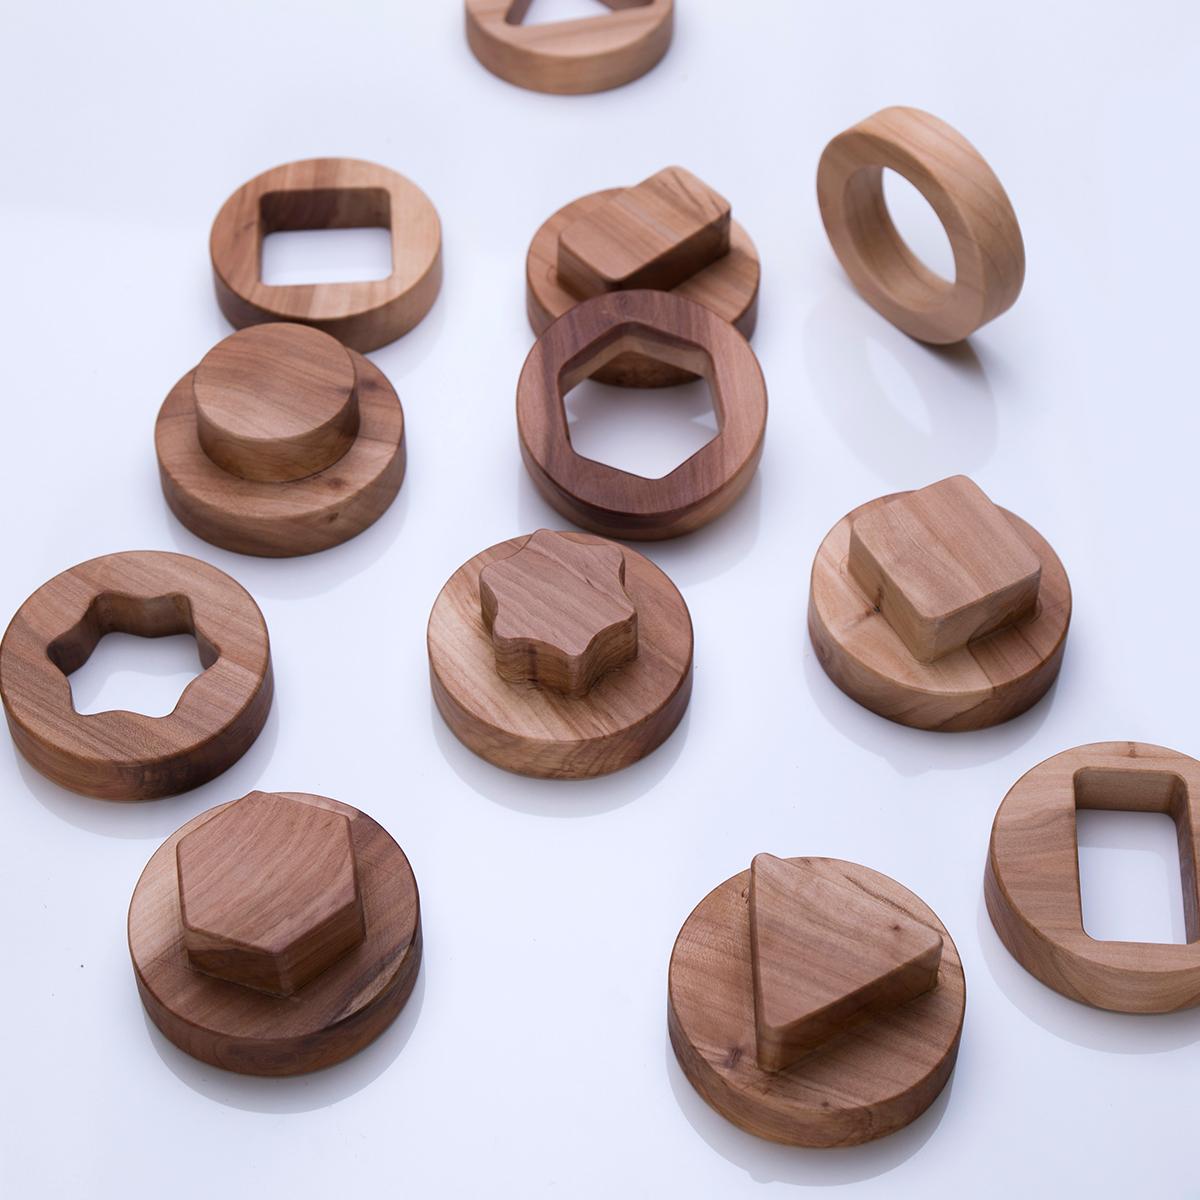 わはらんど きづき「みわける」 木村木品製作所 /マルゲリータ